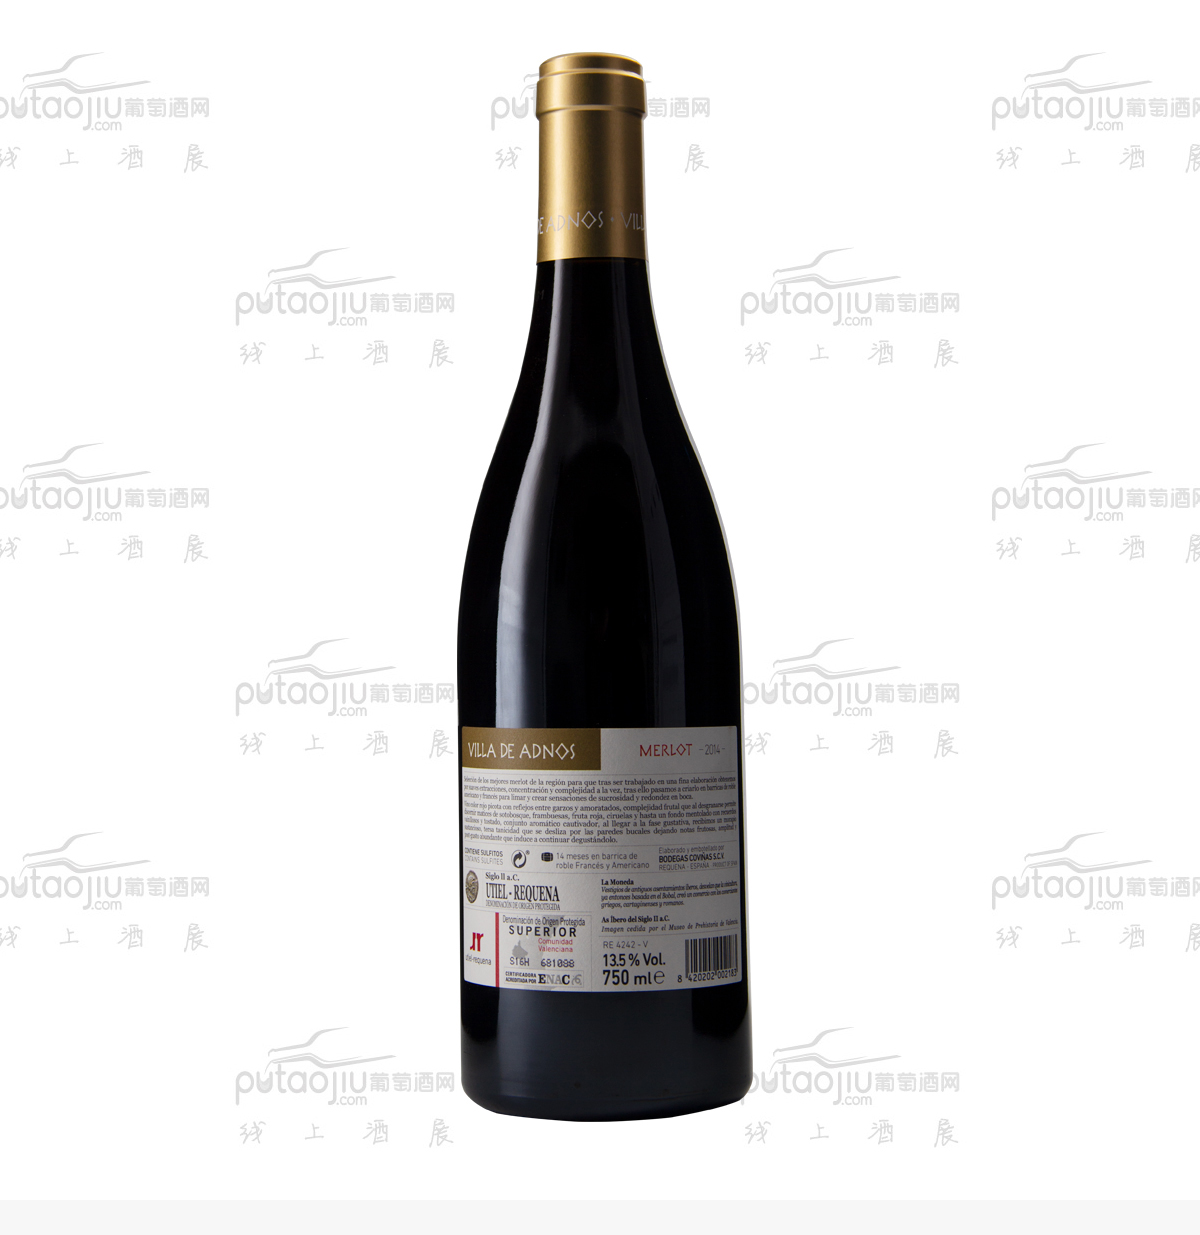 匠心之城美乐红葡萄酒